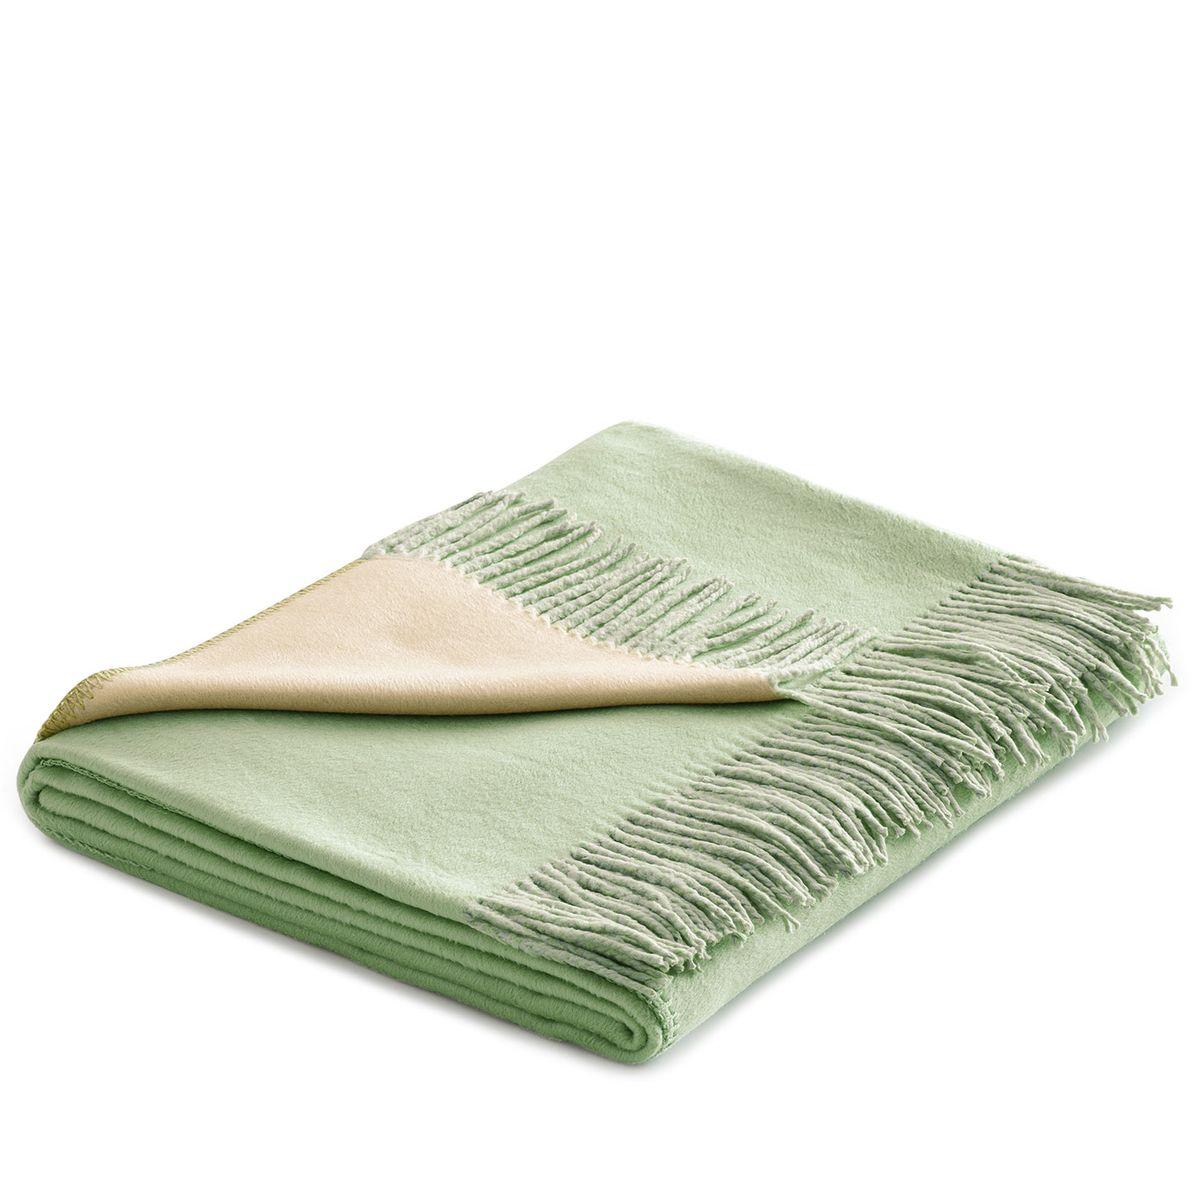 Плед Togas Хлопок-Шелк, цвет: бежевый, зеленый, 140 х 180 смFA-5125 WhiteУтонченный плед Togas Хлопок-Шелк - это высшая роскошь и настоящее наслаждение. Нежное, скользящее прикосновение этой божественной ткани наполняет блаженством и легкостью. Необычный дизайн позволяет в мгновение ока трансформировать пространство вашей спальни или гостиной: просто поверните плед стороной того цвета, который вам сейчас по душе, - и наслаждайтесь непринужденной грацией элегантно драпирующихся складок, ниспадающих шелковистым каскадом. Несмотря на удивительную тонкость и невесомость, плед из 75% шелка и 25% хлопка очень практичен и прост в уходе, а значит - прослужит вам долгие годы, став неотъемлемой частью вашего уюта и комфорта.